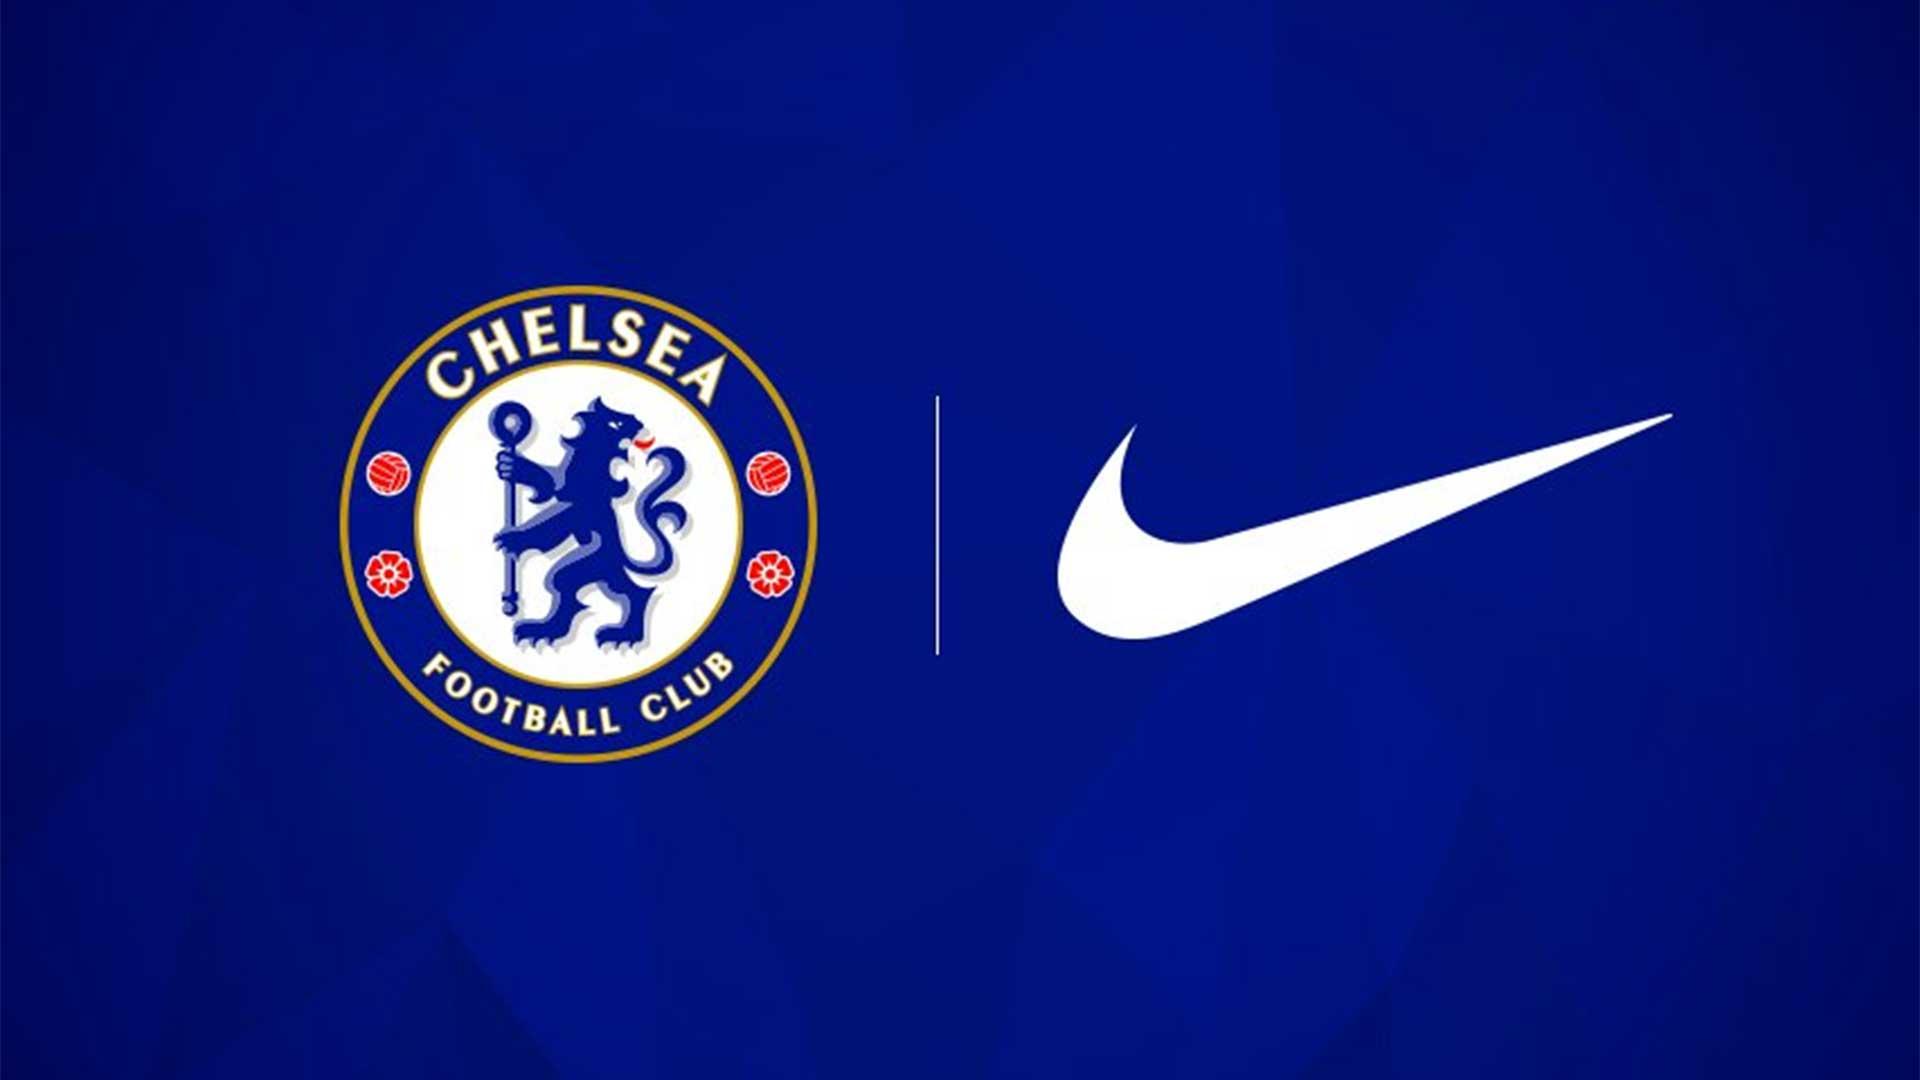 El Chelsea será el segundo equipo vestido por Nike en la Premier League